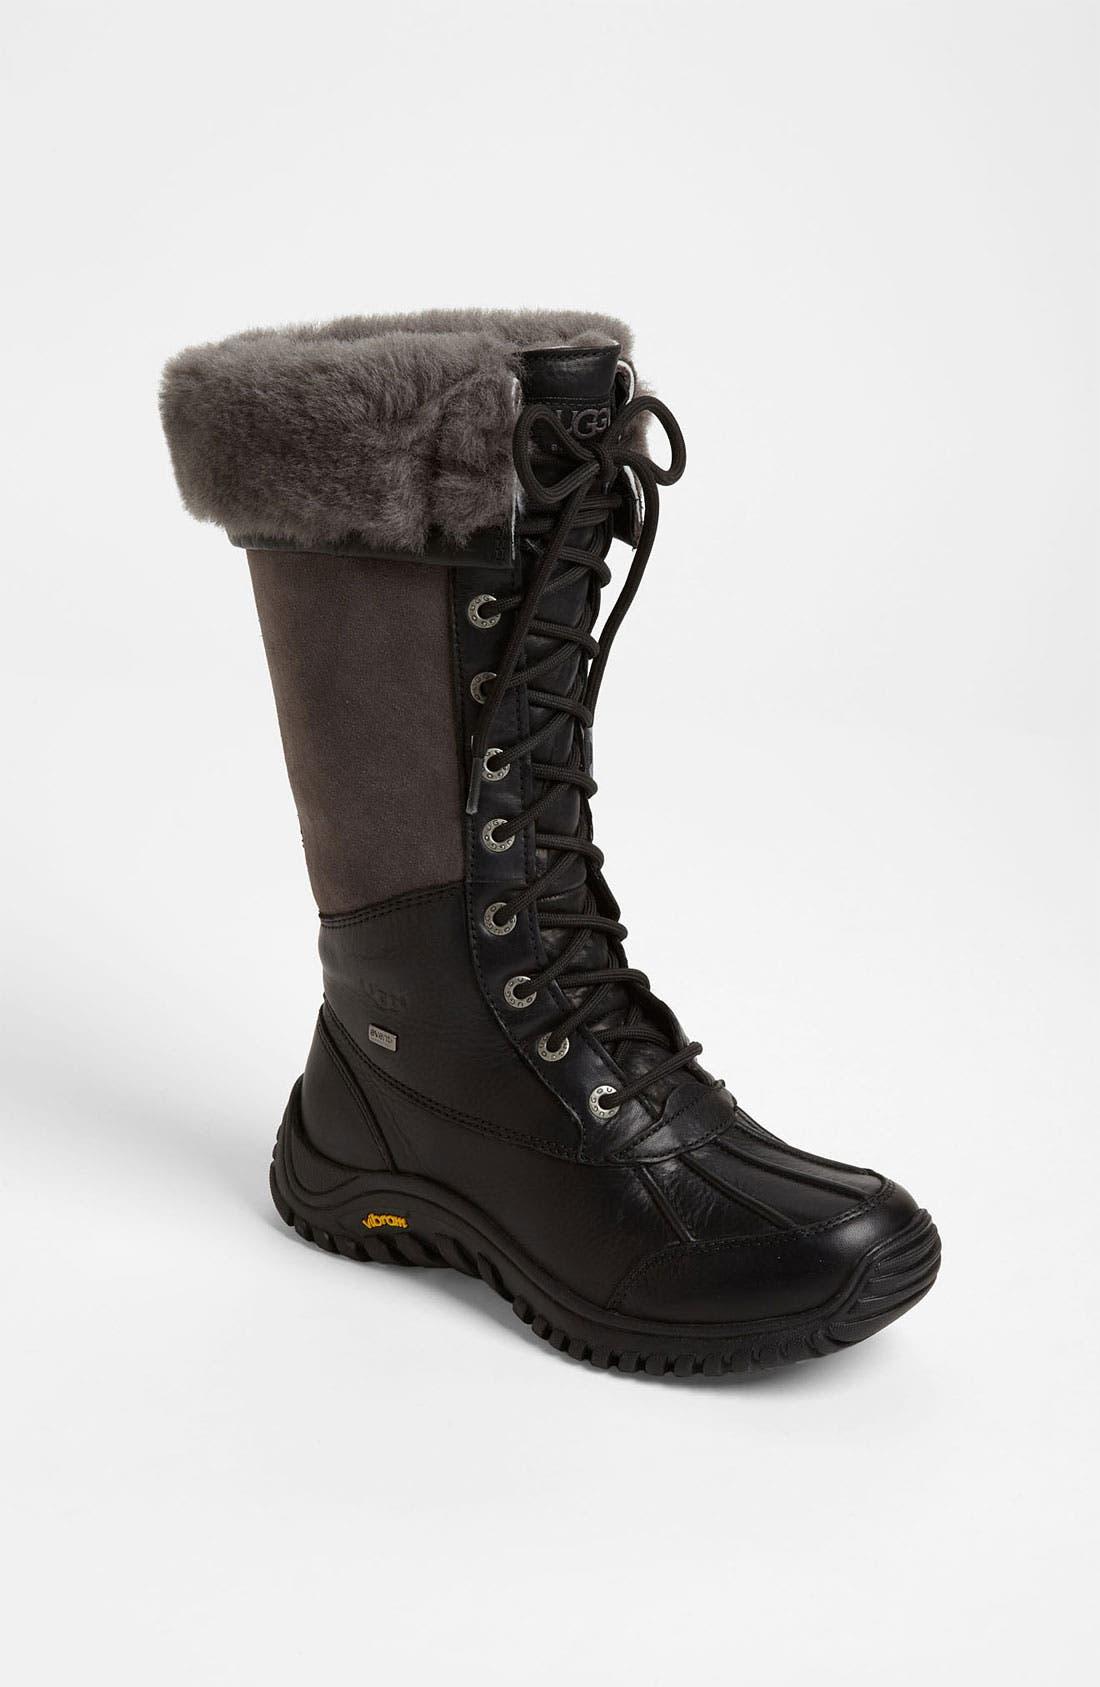 Adirondack Waterproof Tall Boot,                             Main thumbnail 1, color,                             New Black